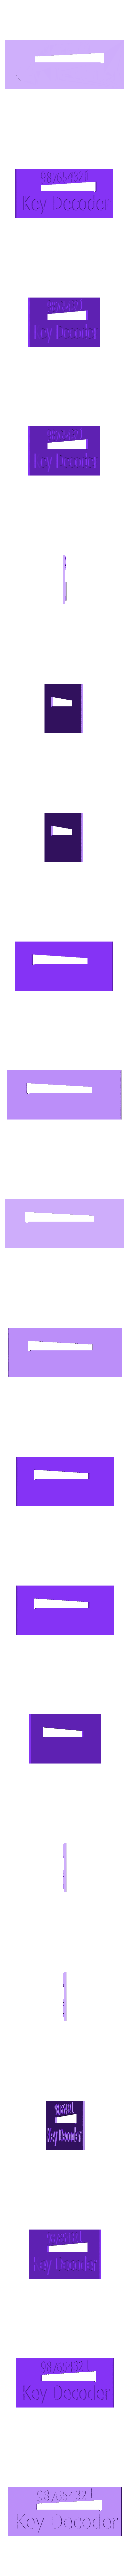 Key-Decoder-Larger-Letters.stl Download free STL file Key Decoder (For duplicating house keys) • 3D printer template, Hoofbaugh